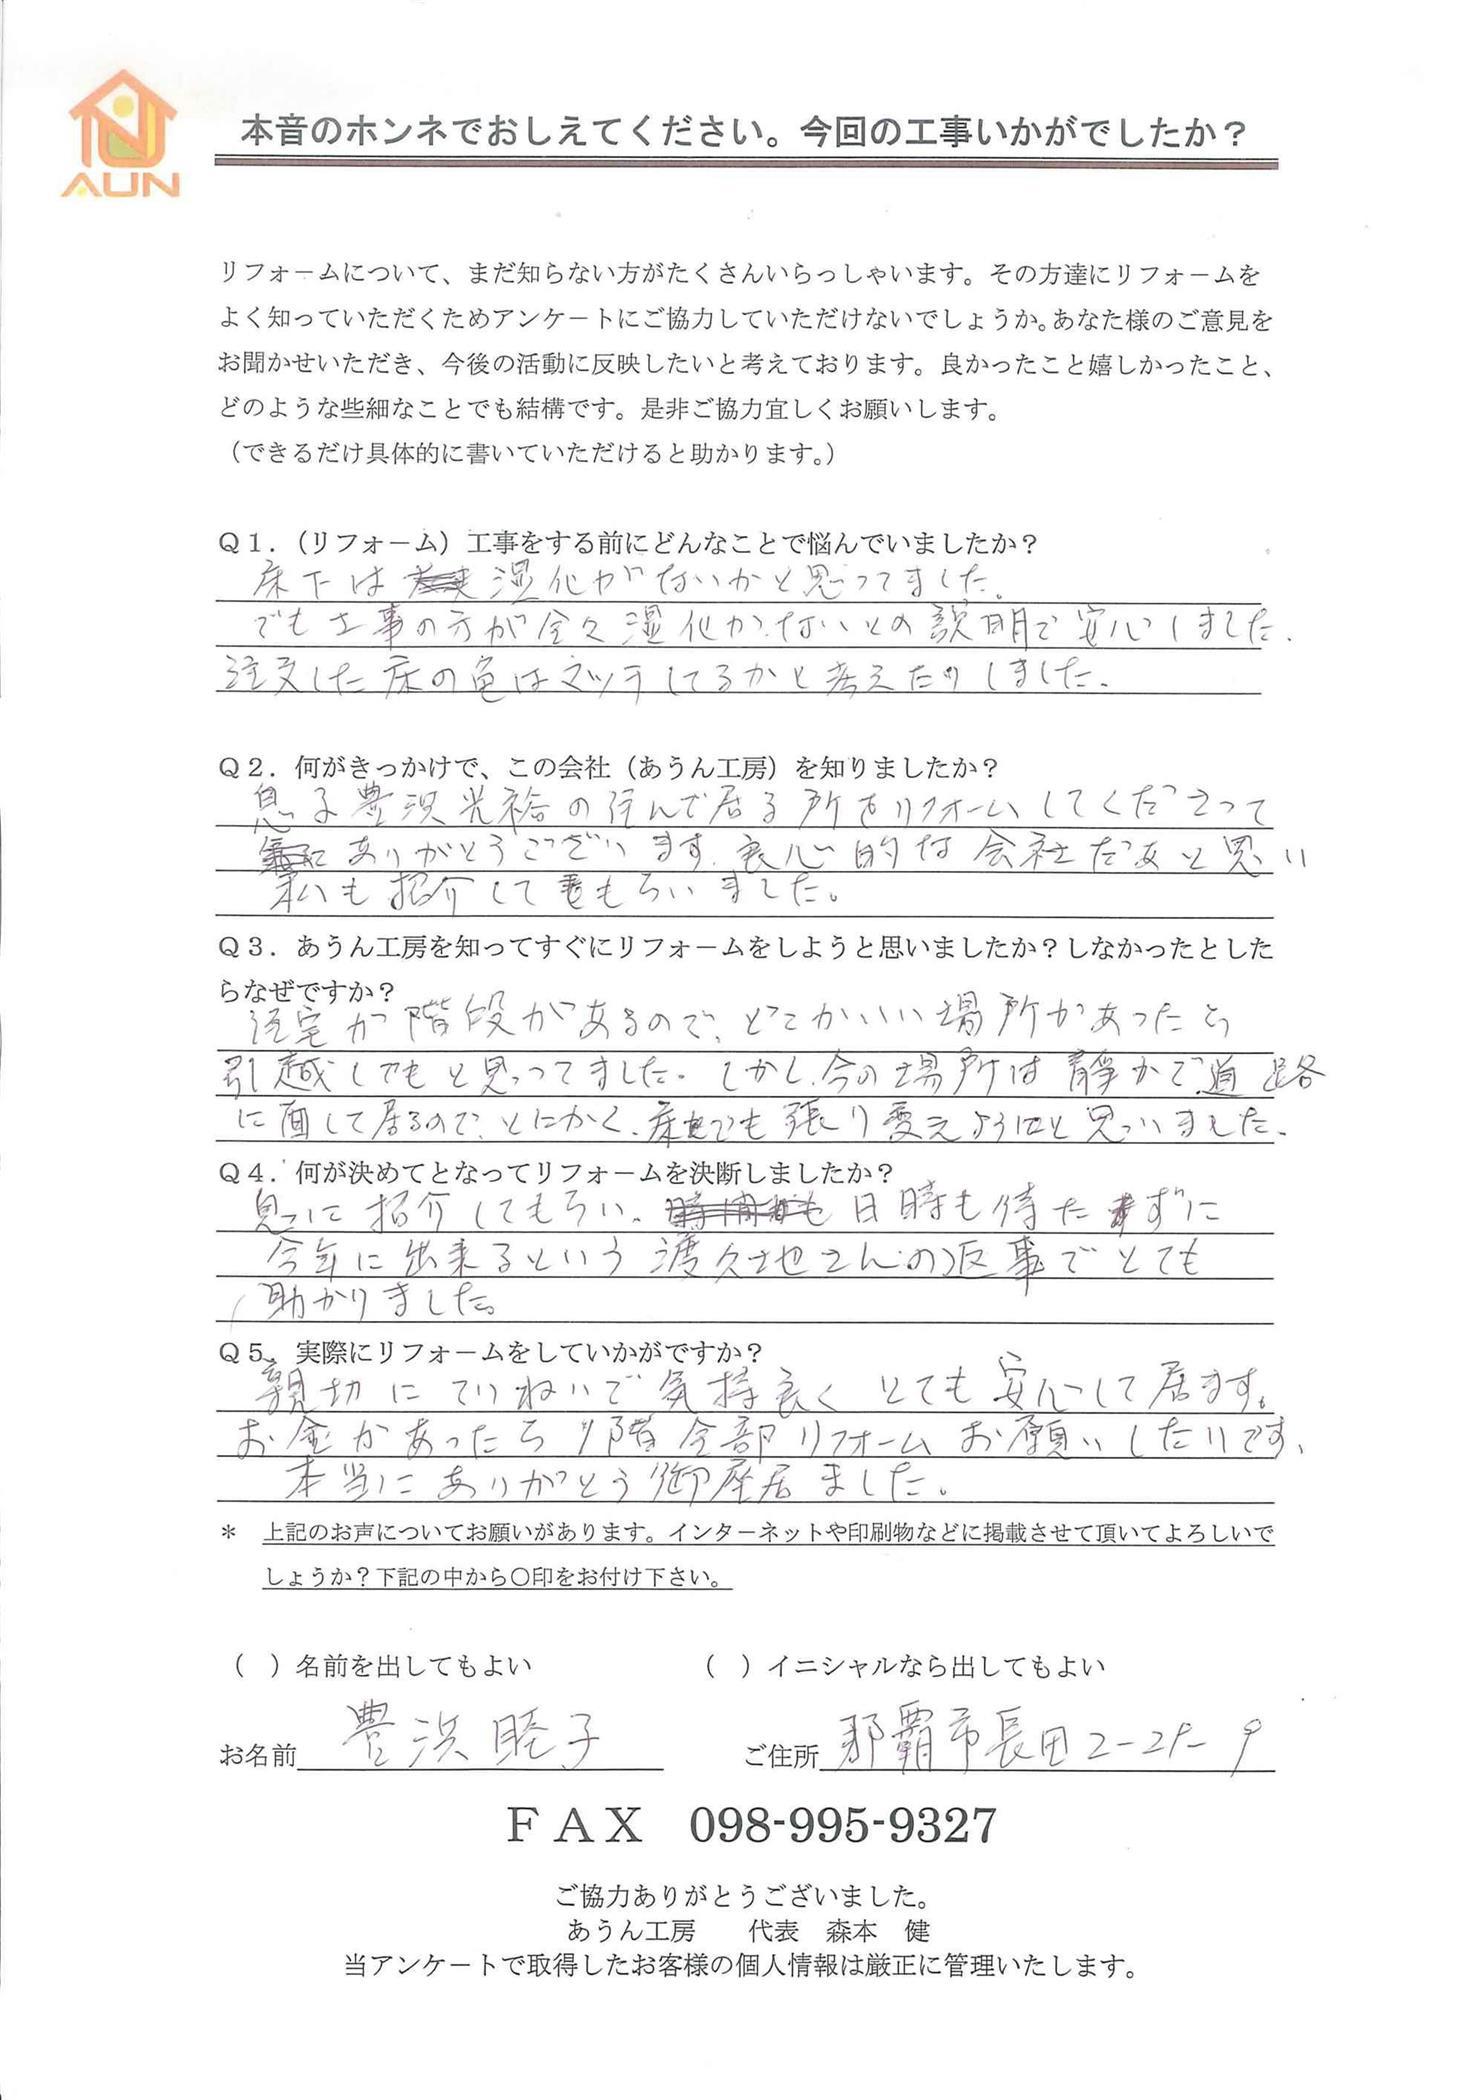 沖縄・那覇のリフォーム 実際のアンケートの画像:息子に紹介してもらい